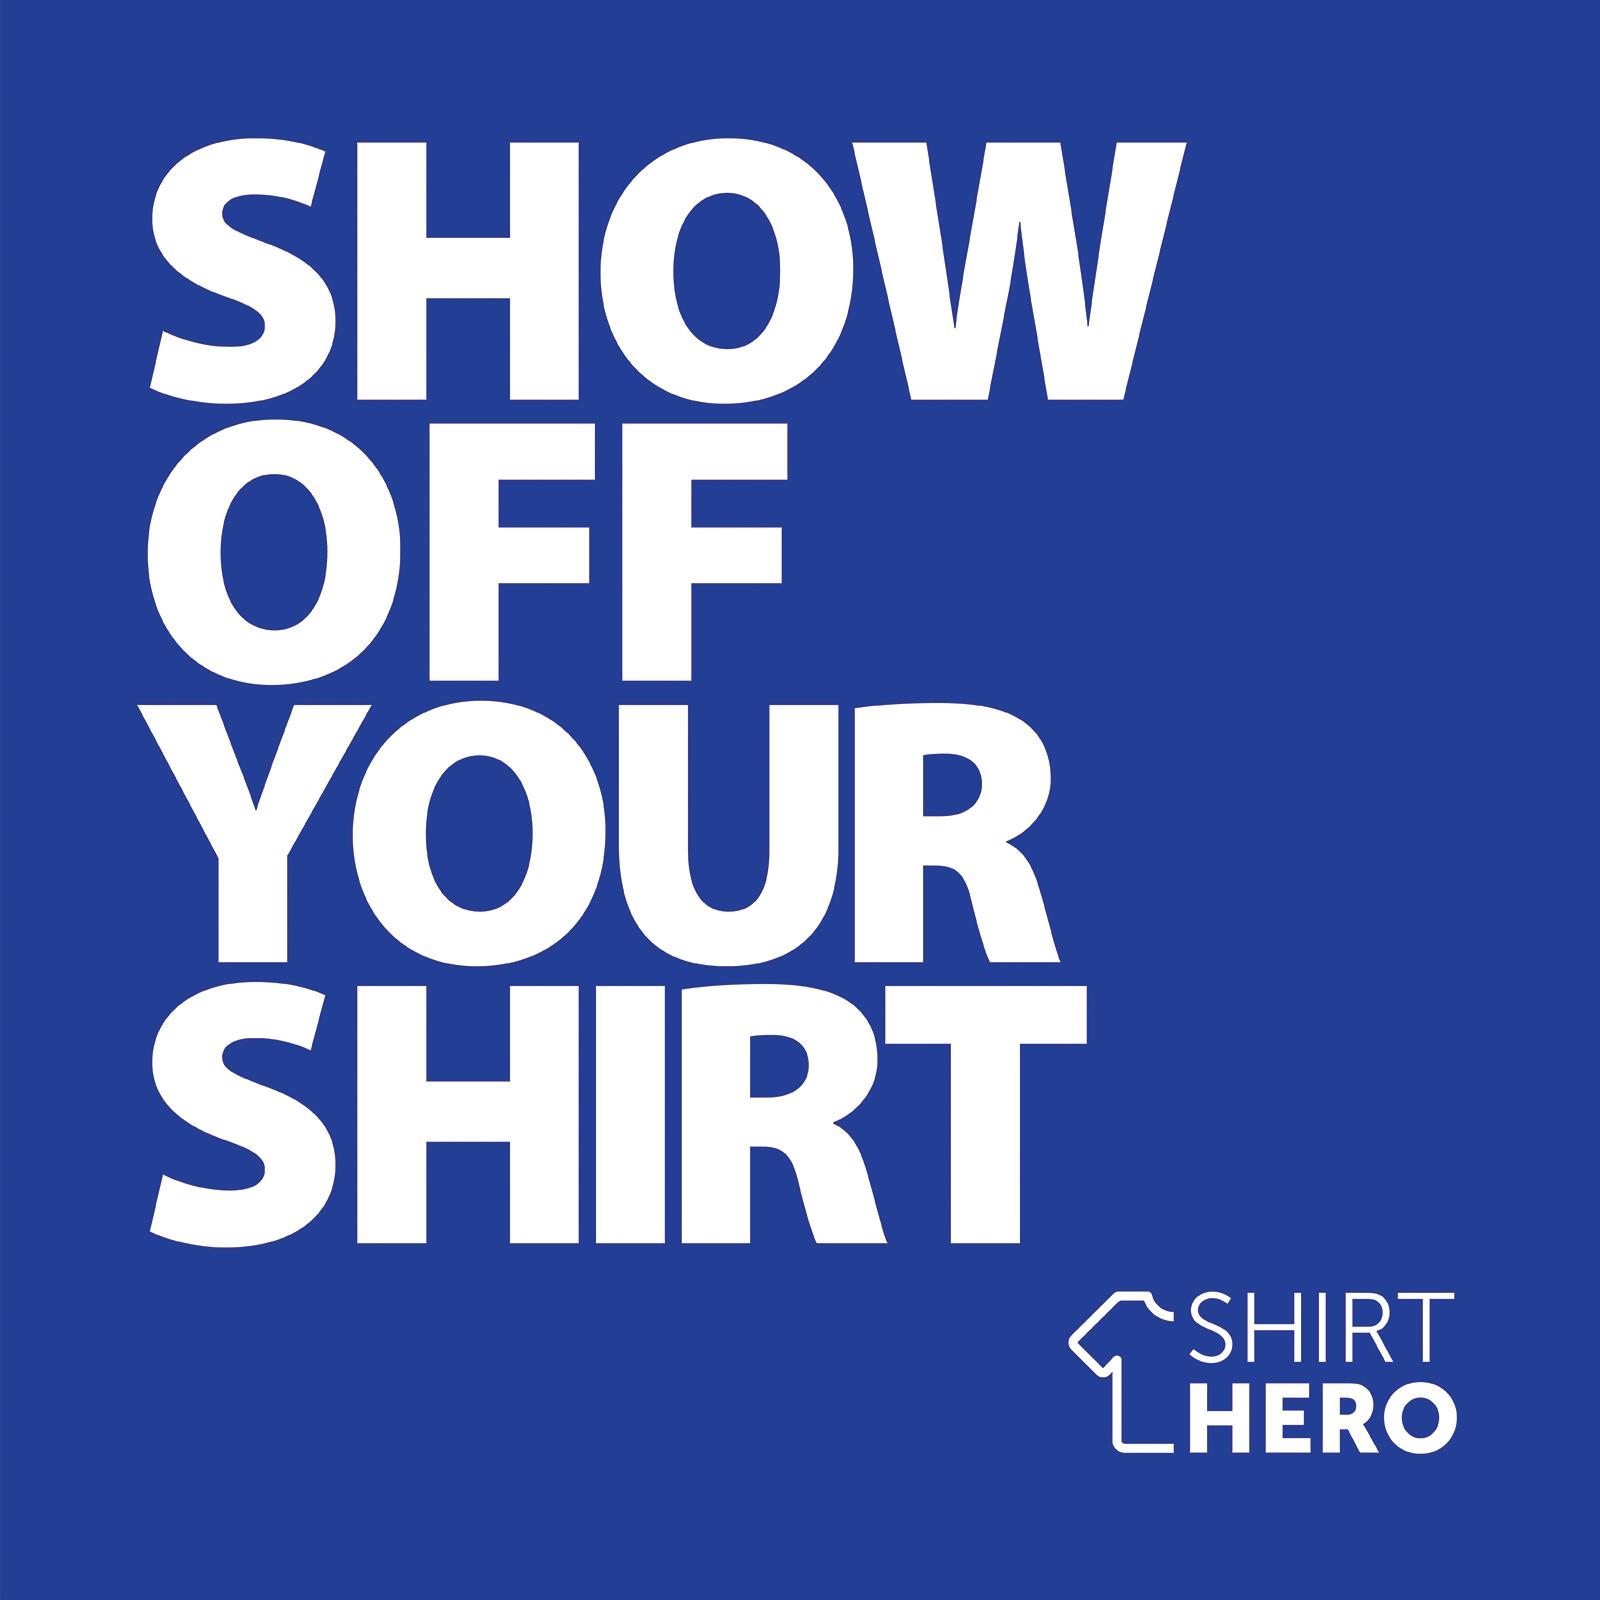 SHIRT HERO Shirt Display Mount (Blue & White)